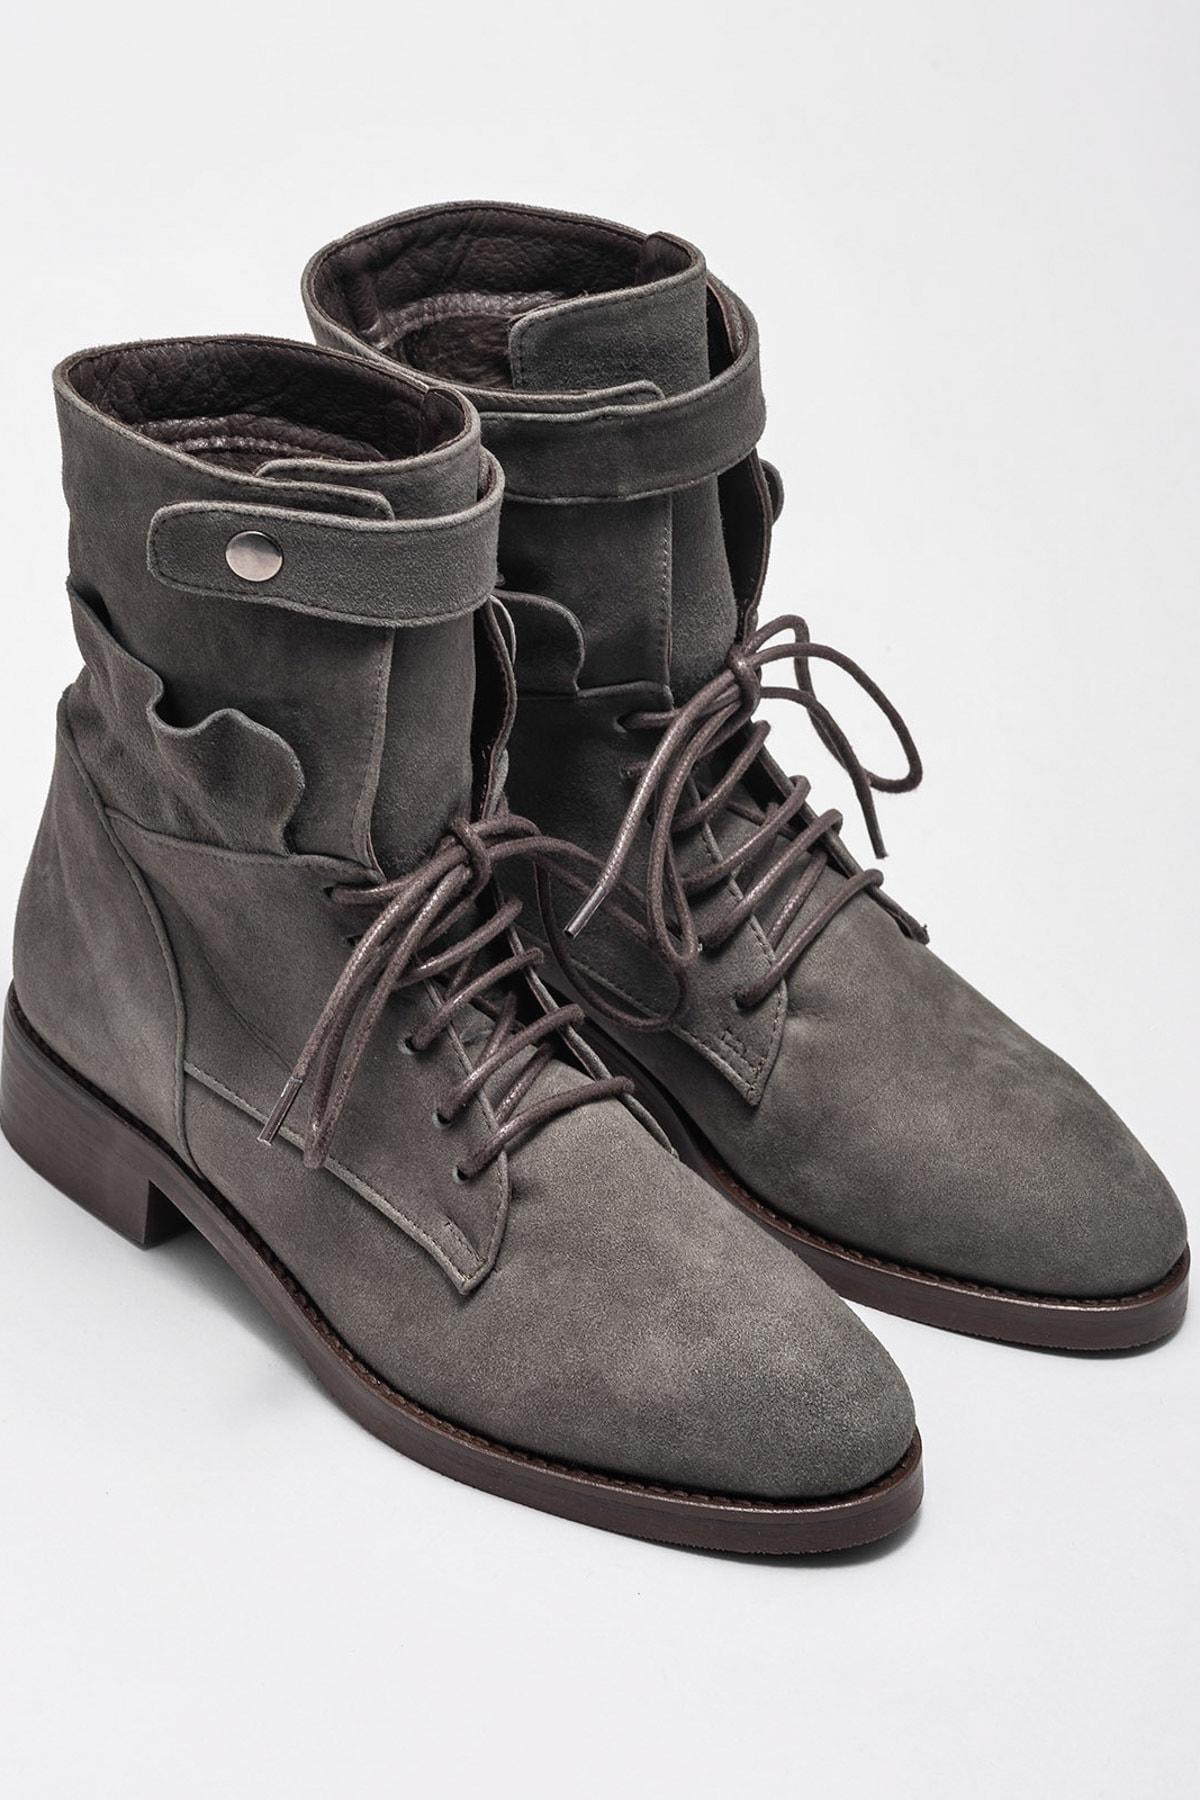 Elle Shoes Kadın Bot & Bootie Rosette-1 20KRE608 2